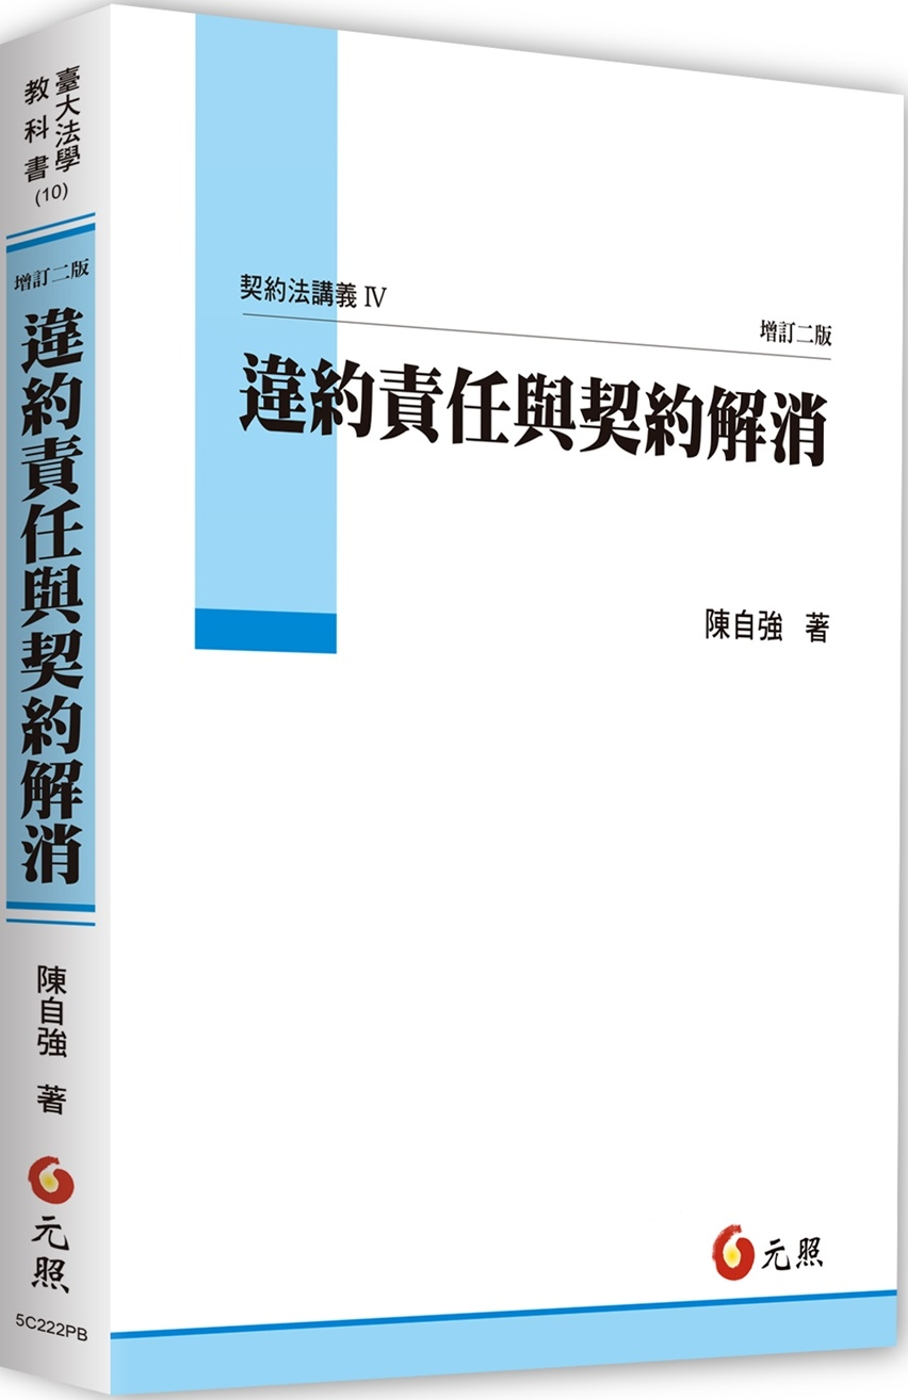 違約責任與契約解消:契約法講義Ⅳ(二版)